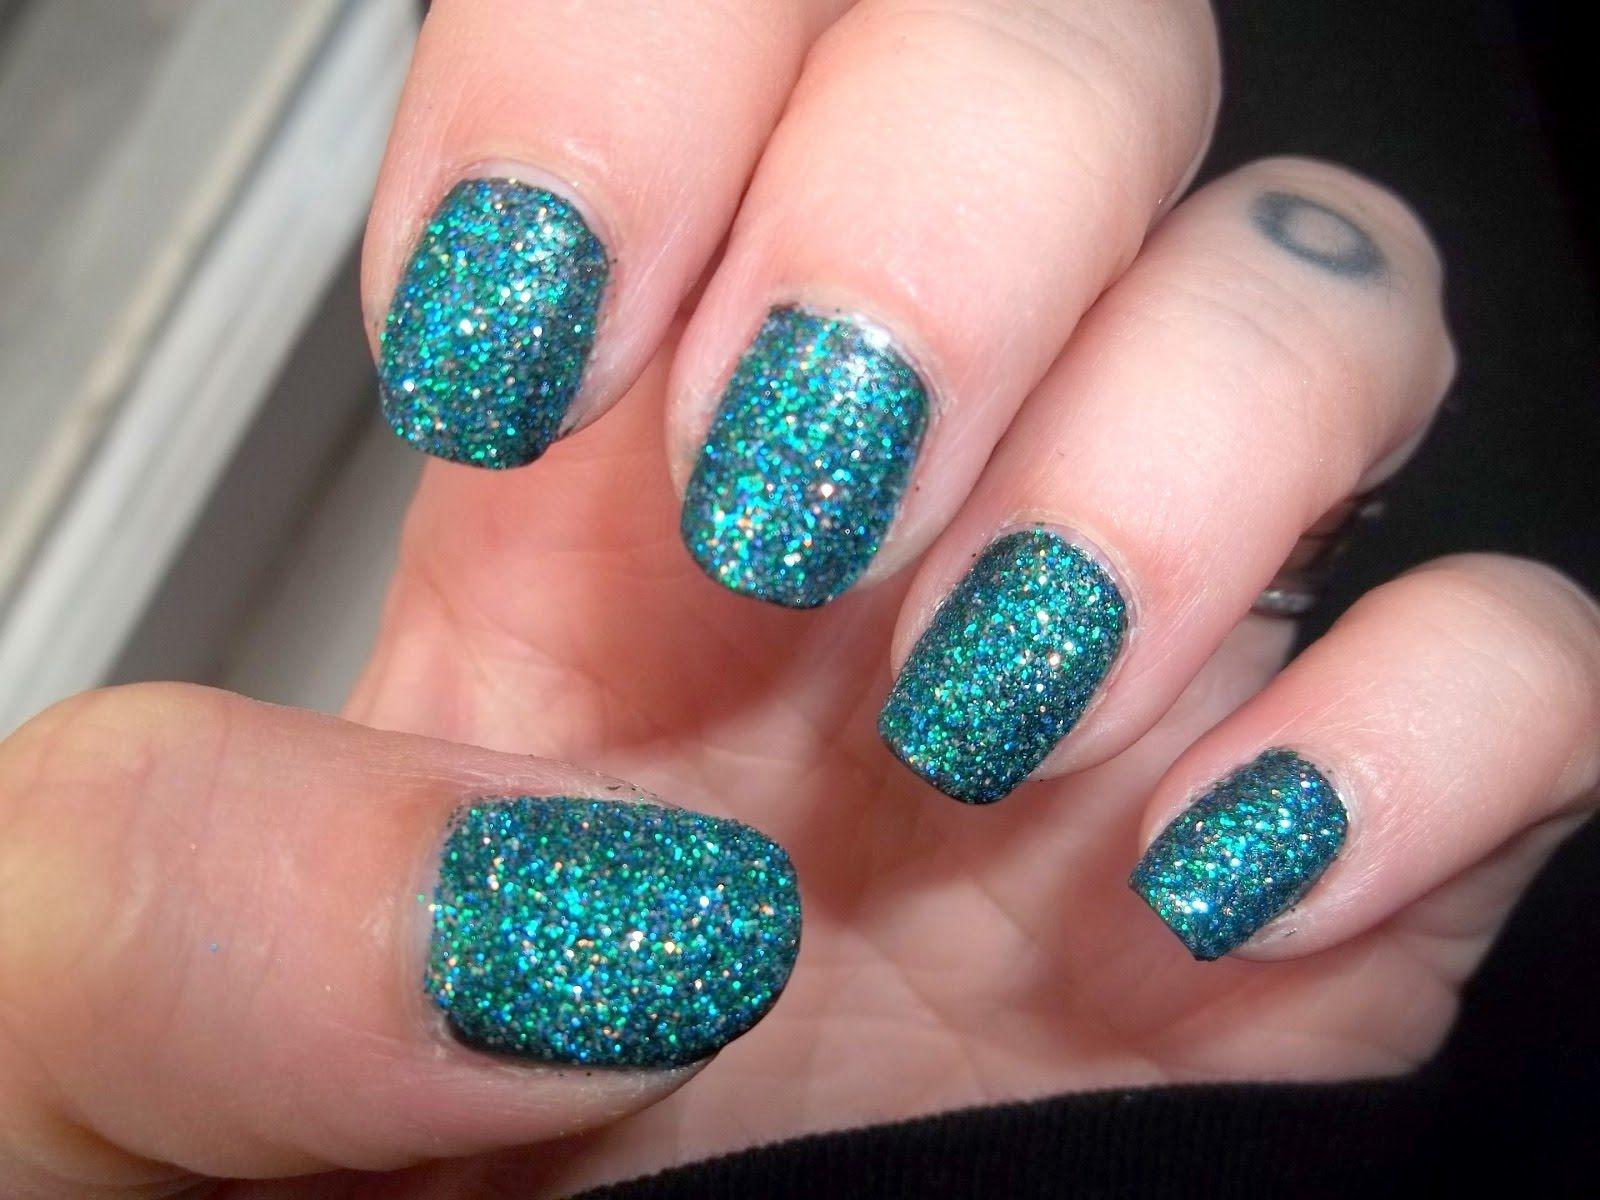 Pin de Laura Sofiia ♥ en Nails Glitter ・゚゚・・゚゚・・゚゚ | Pinterest